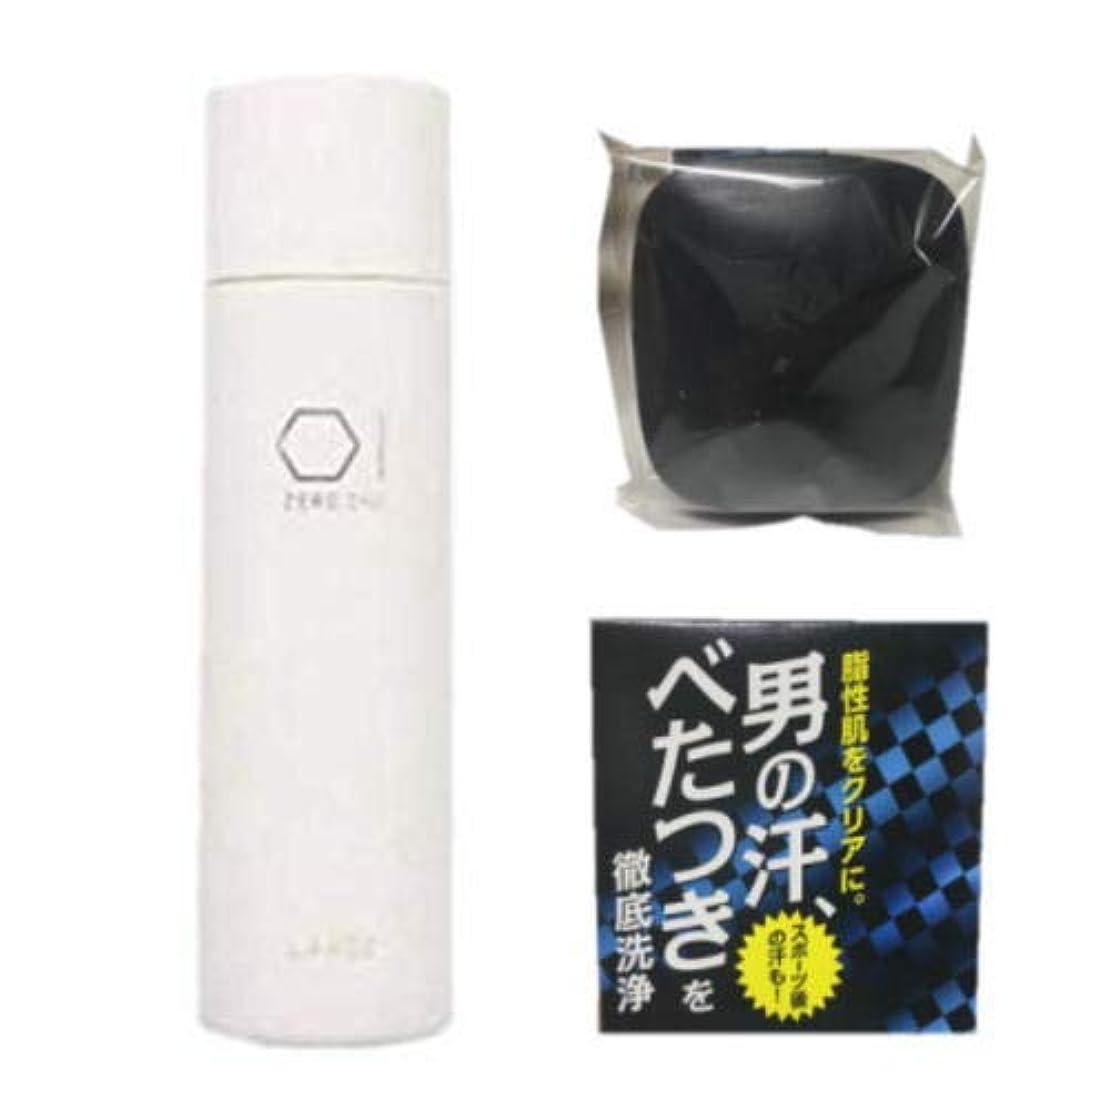 価値のないテーマセッションゼロワン ラージ 150ml 頭皮 育毛、脂性肌対応石鹸 80g セット